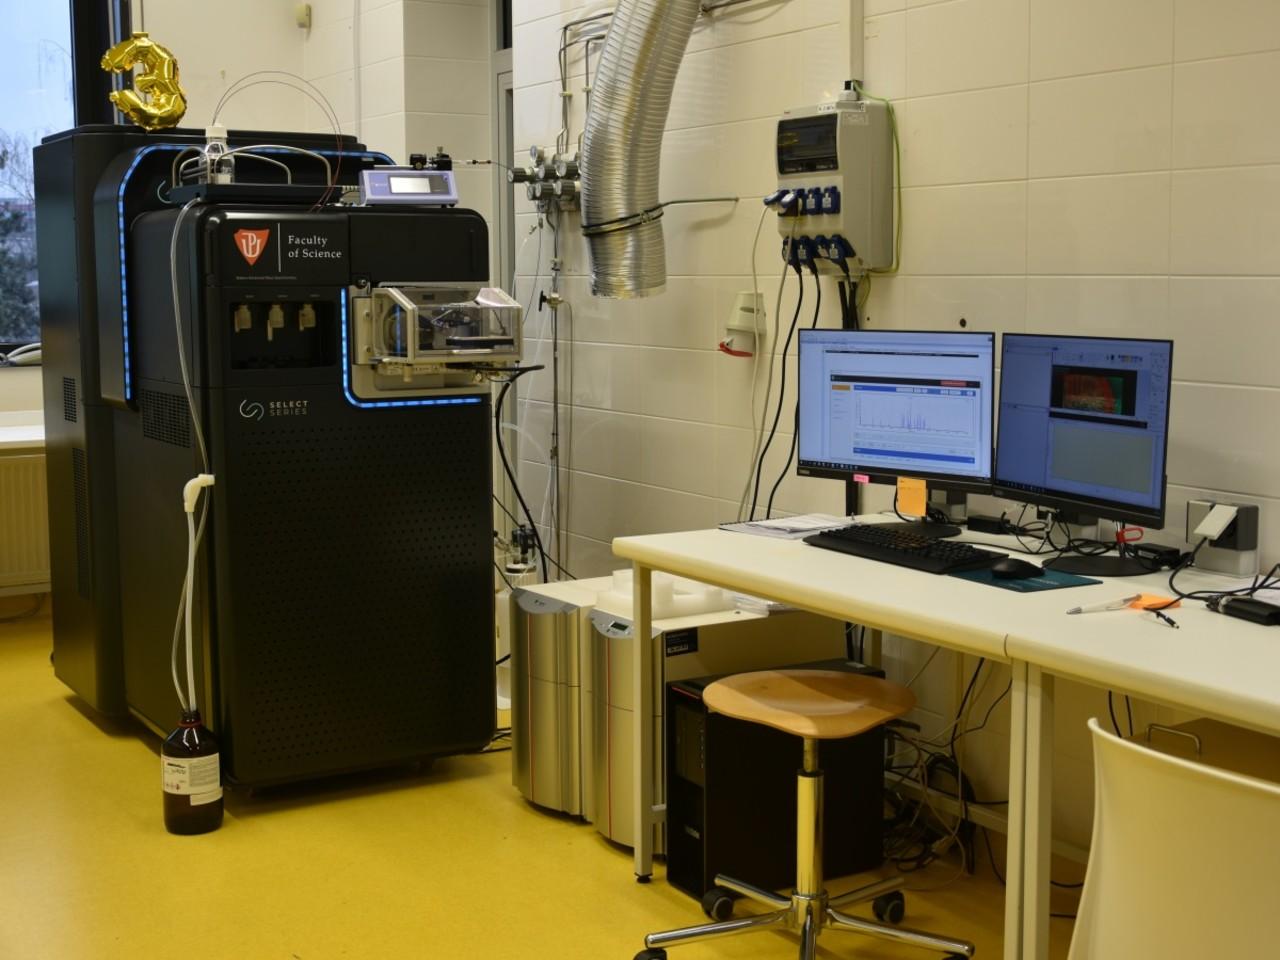 UPOL: Přírodovědecká fakulta pořídila v roce 2019 špičkový vysokorozlišující hmotnostní spektrometr